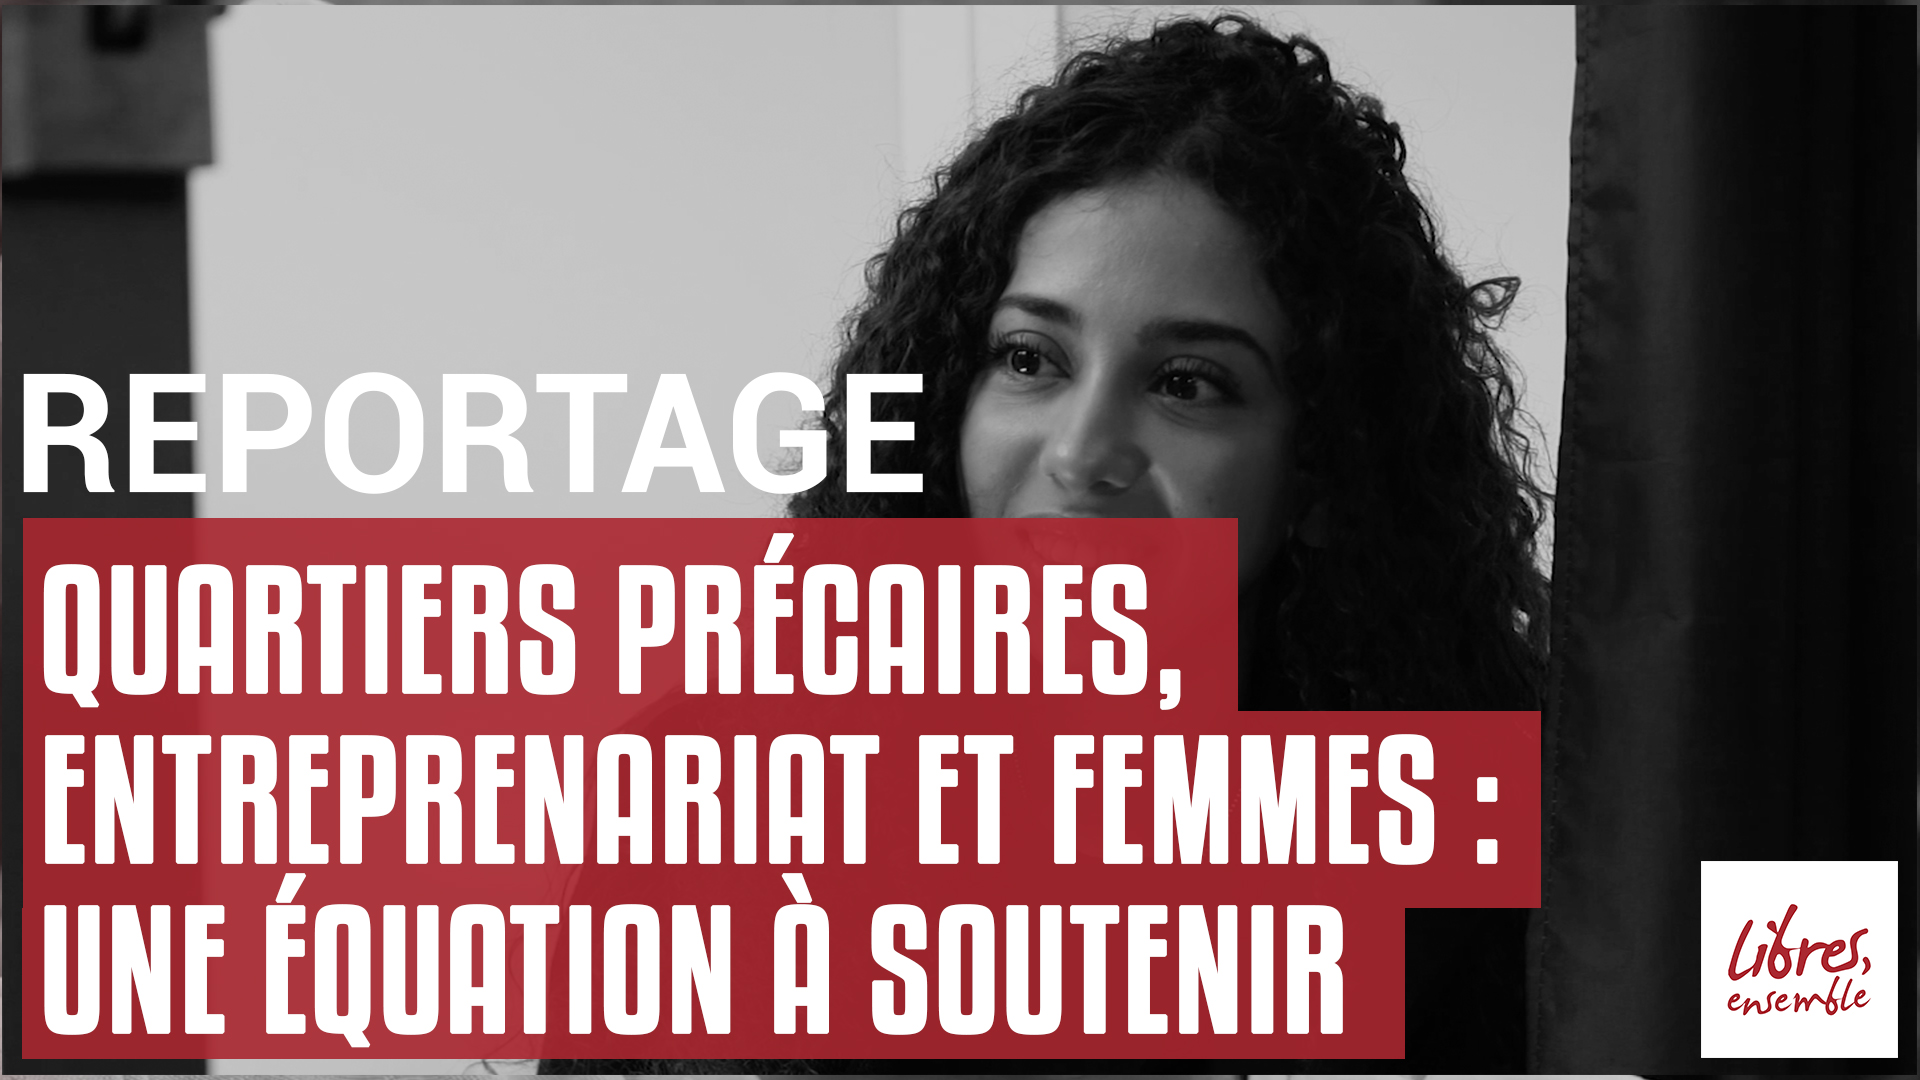 Quartiers précaires, entreprenariat et femmes : une équation à soutenir